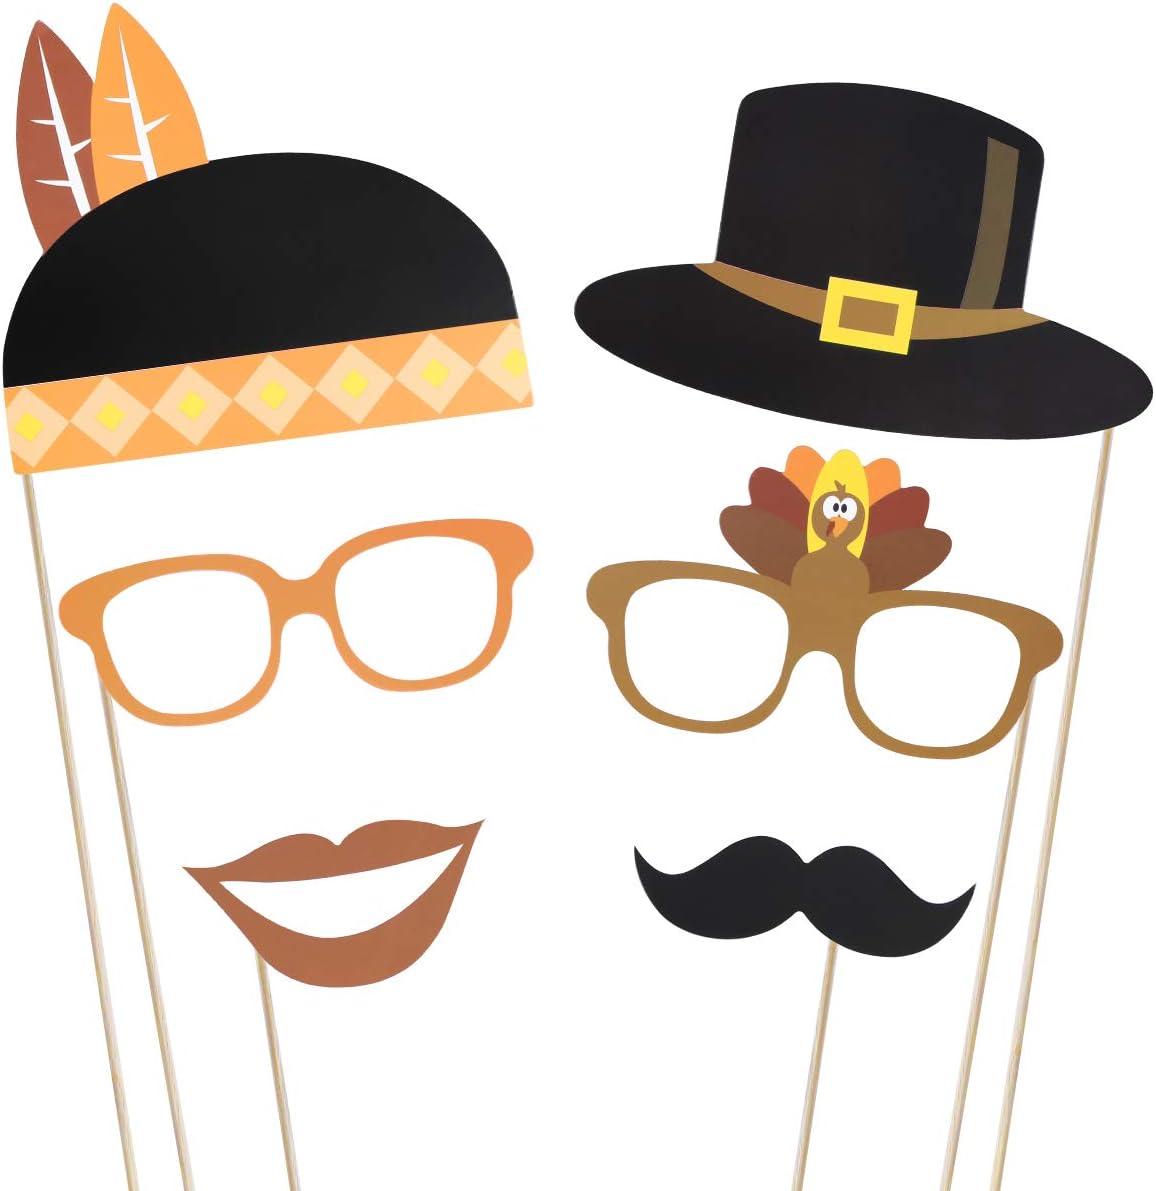 CHEPL DIY Selfie Props 36 Pi/èces Thanksgiving photomaton Chapeau Barbe Props /Él/ément de Citrouille Dinde Pain Ma/ïs Fruits Feuilles d/Érable pour Thanksgiving Party D/écorations